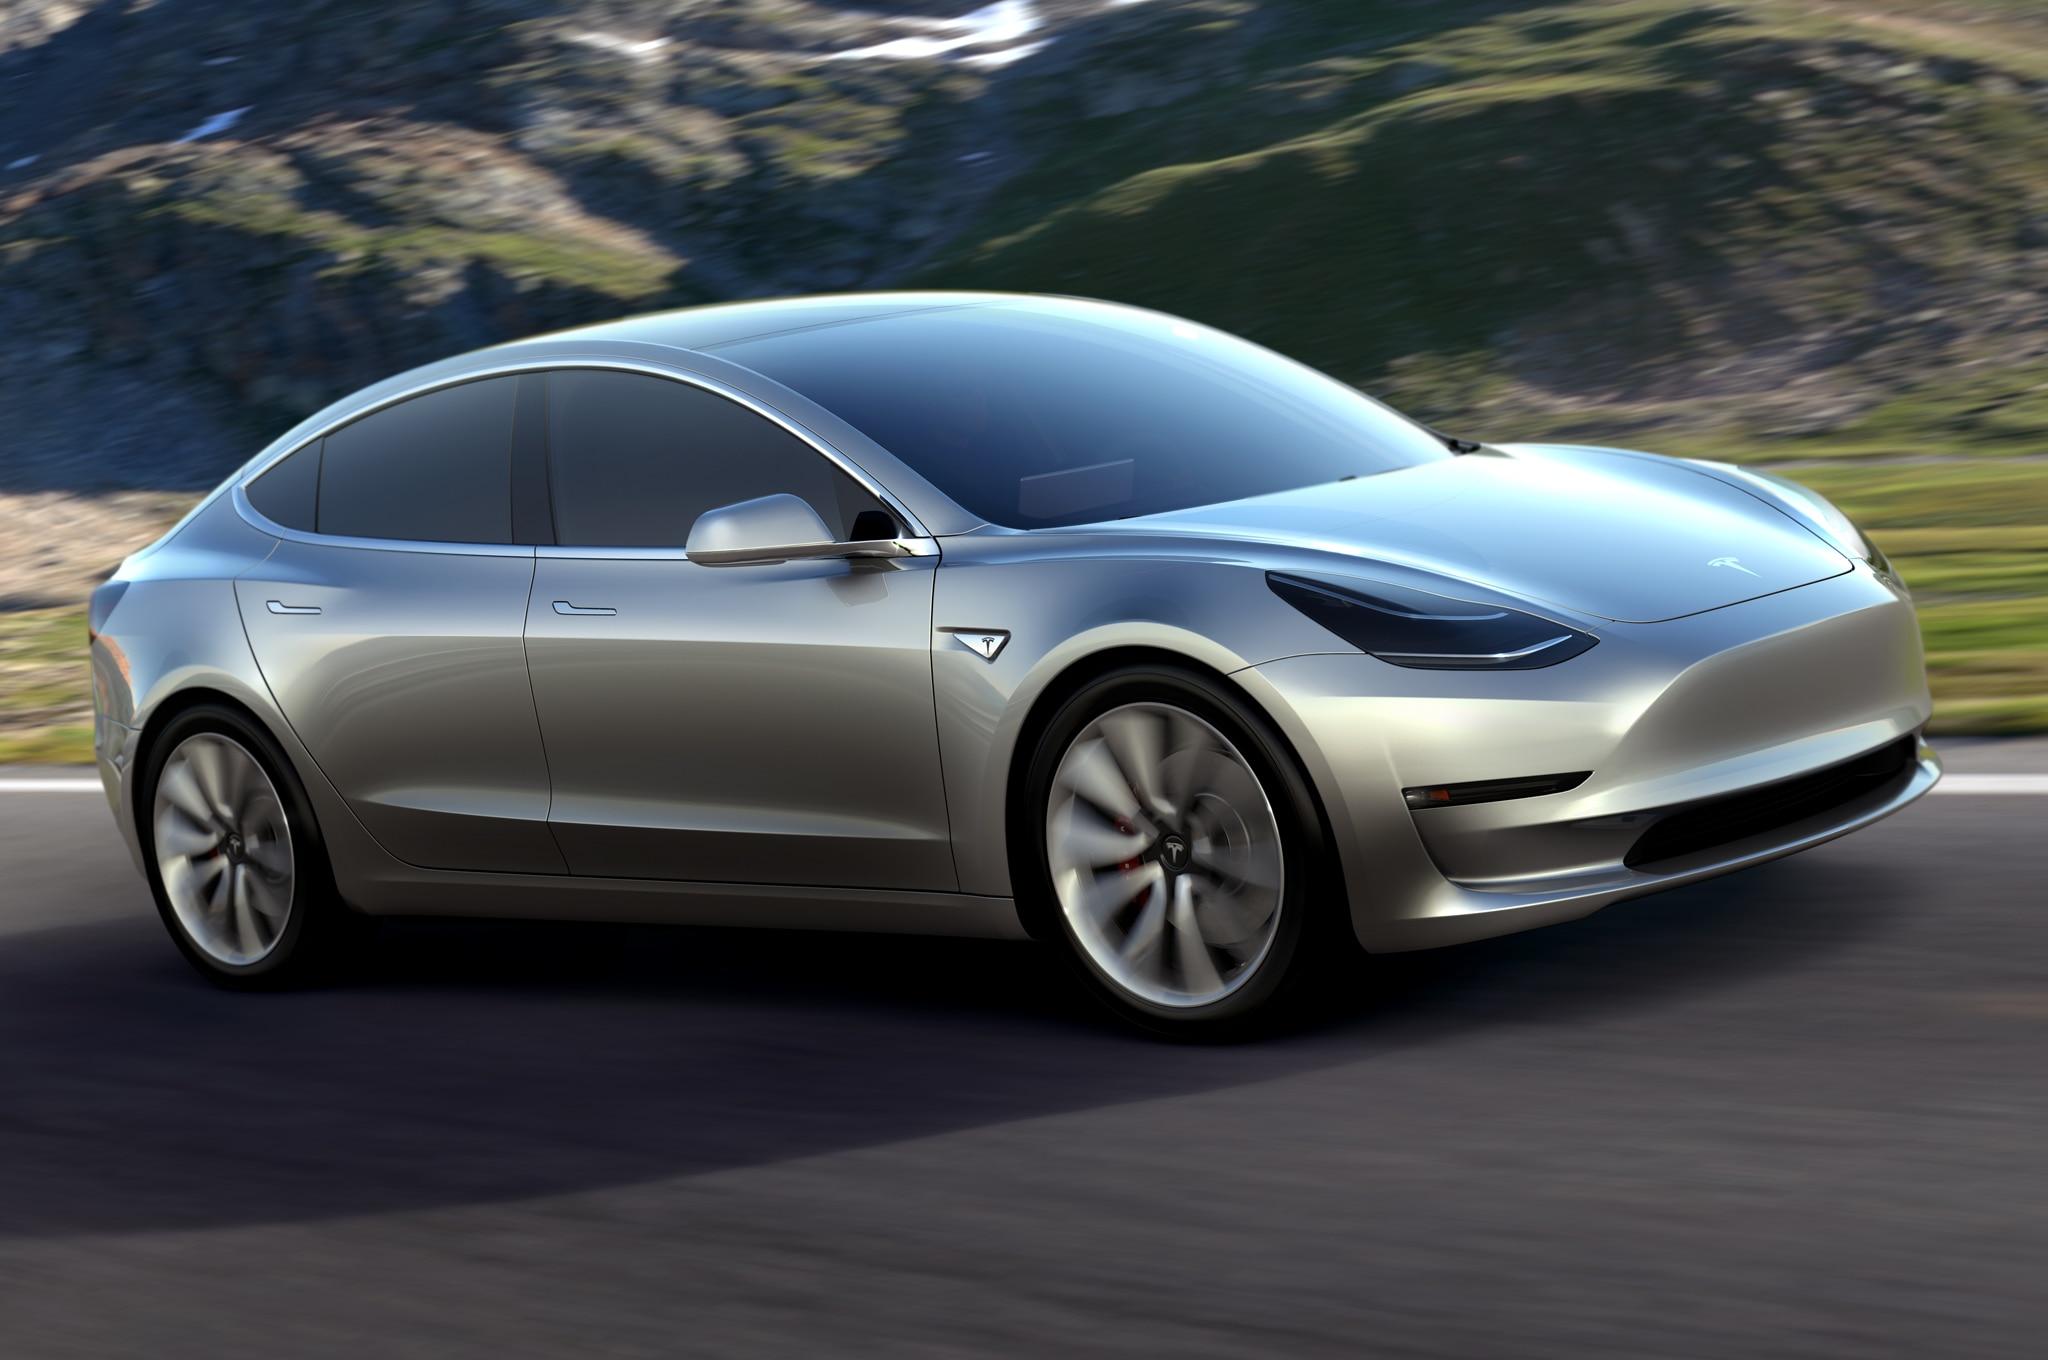 Tesla Model 3 In Motion